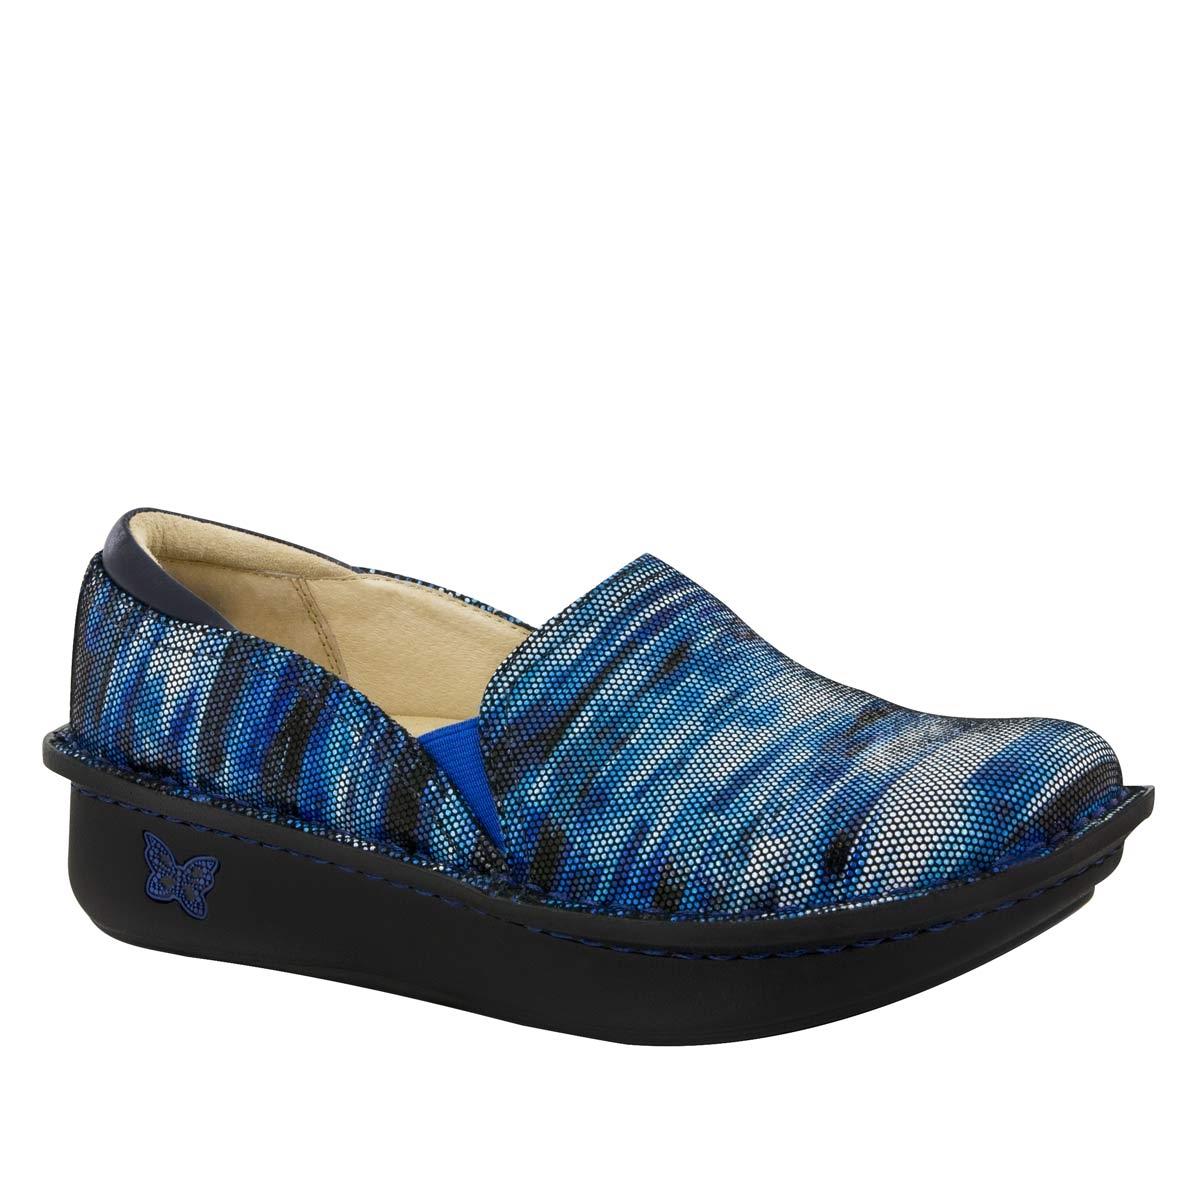 Alegria Debra Wavy Navy Nursing Shoes